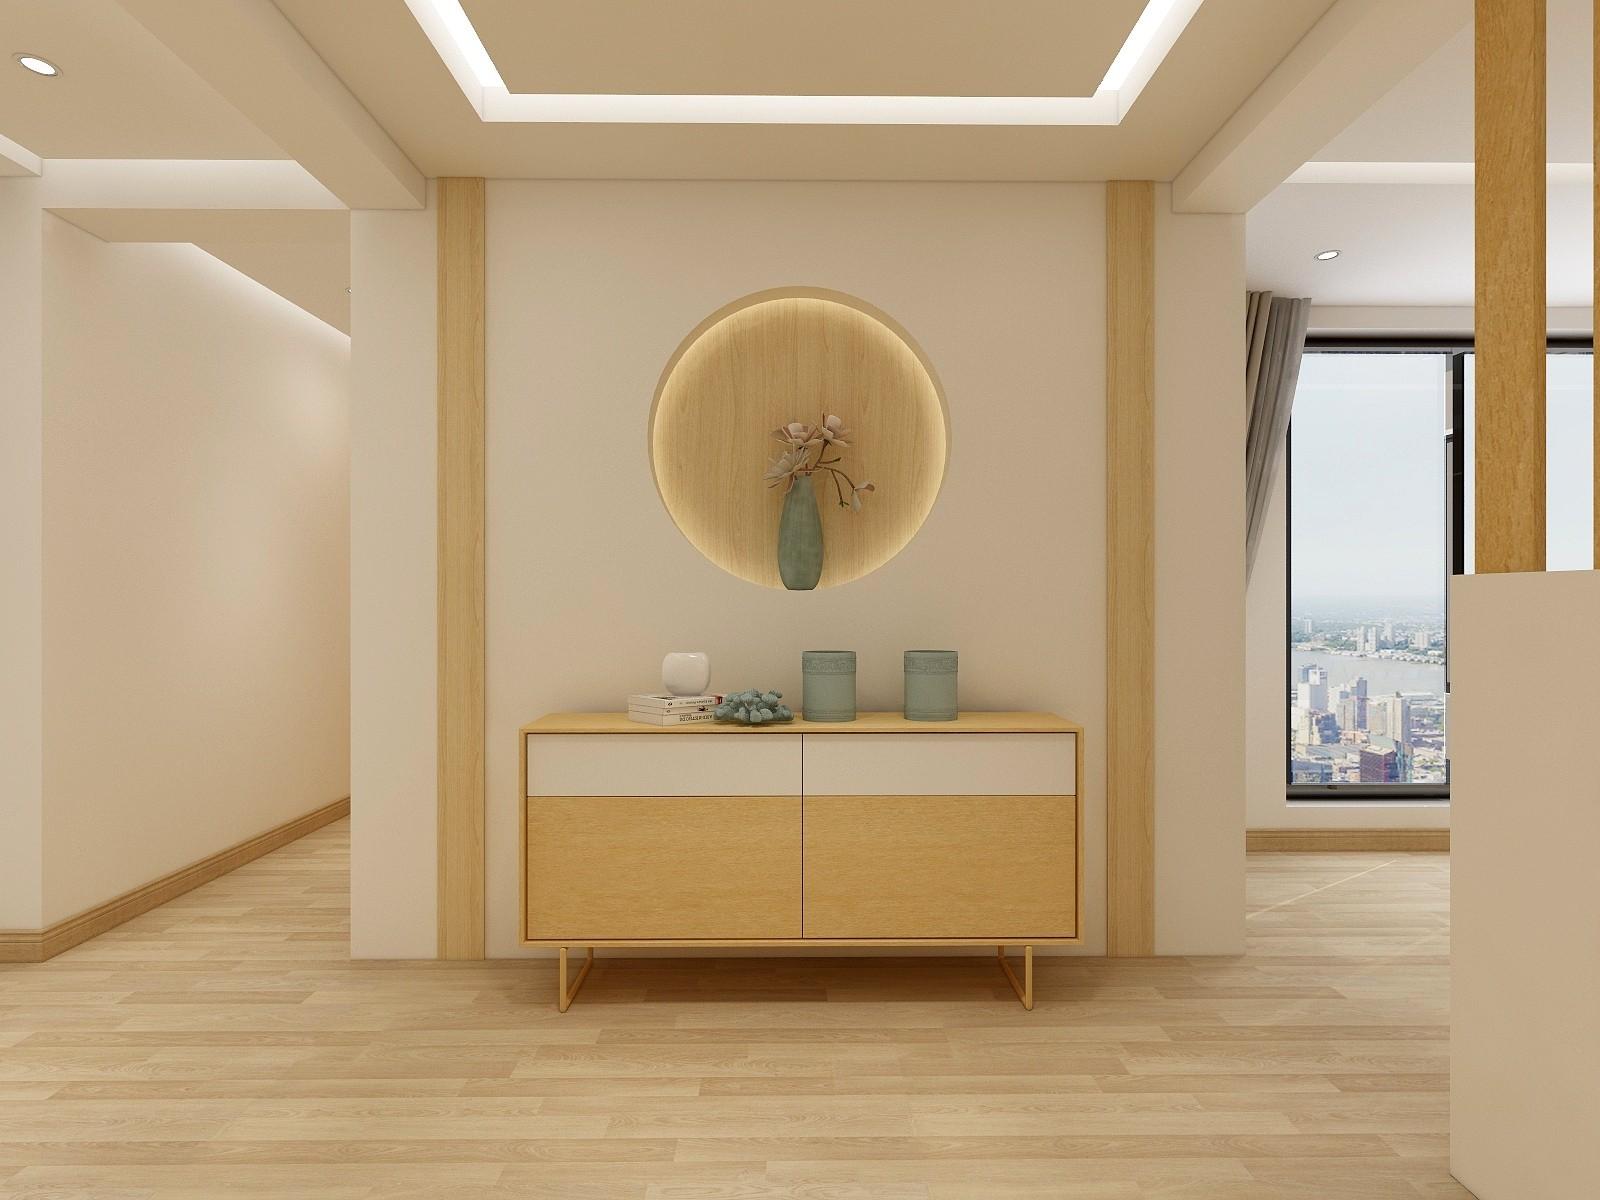 博文银座二居室日式简约风格装修效果图